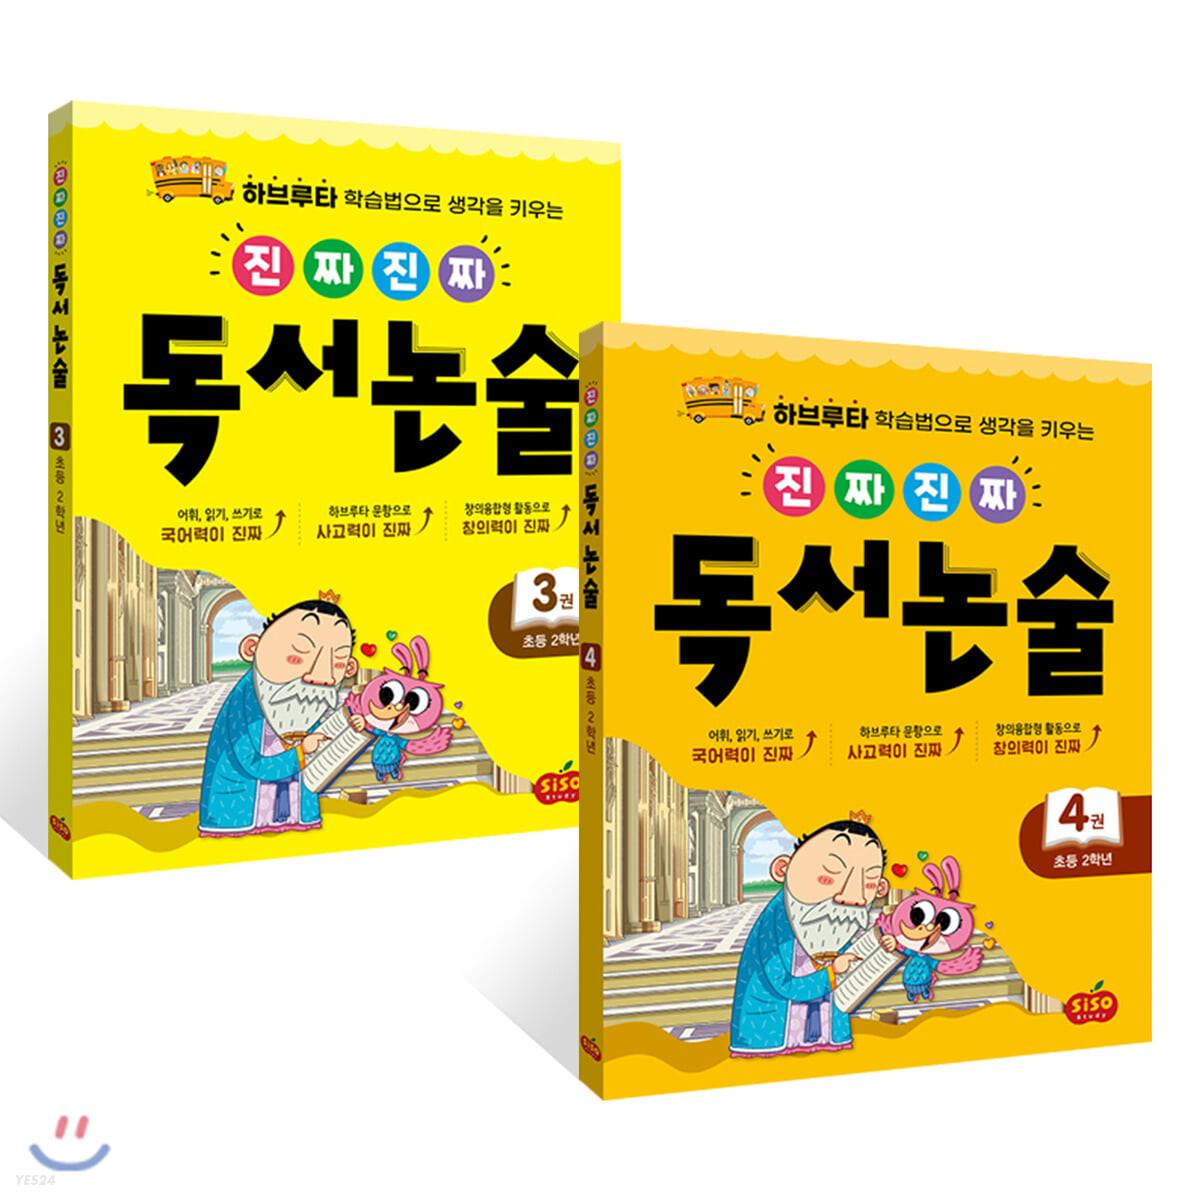 진짜 진짜 독서논술 2학년 세트 (전2권)